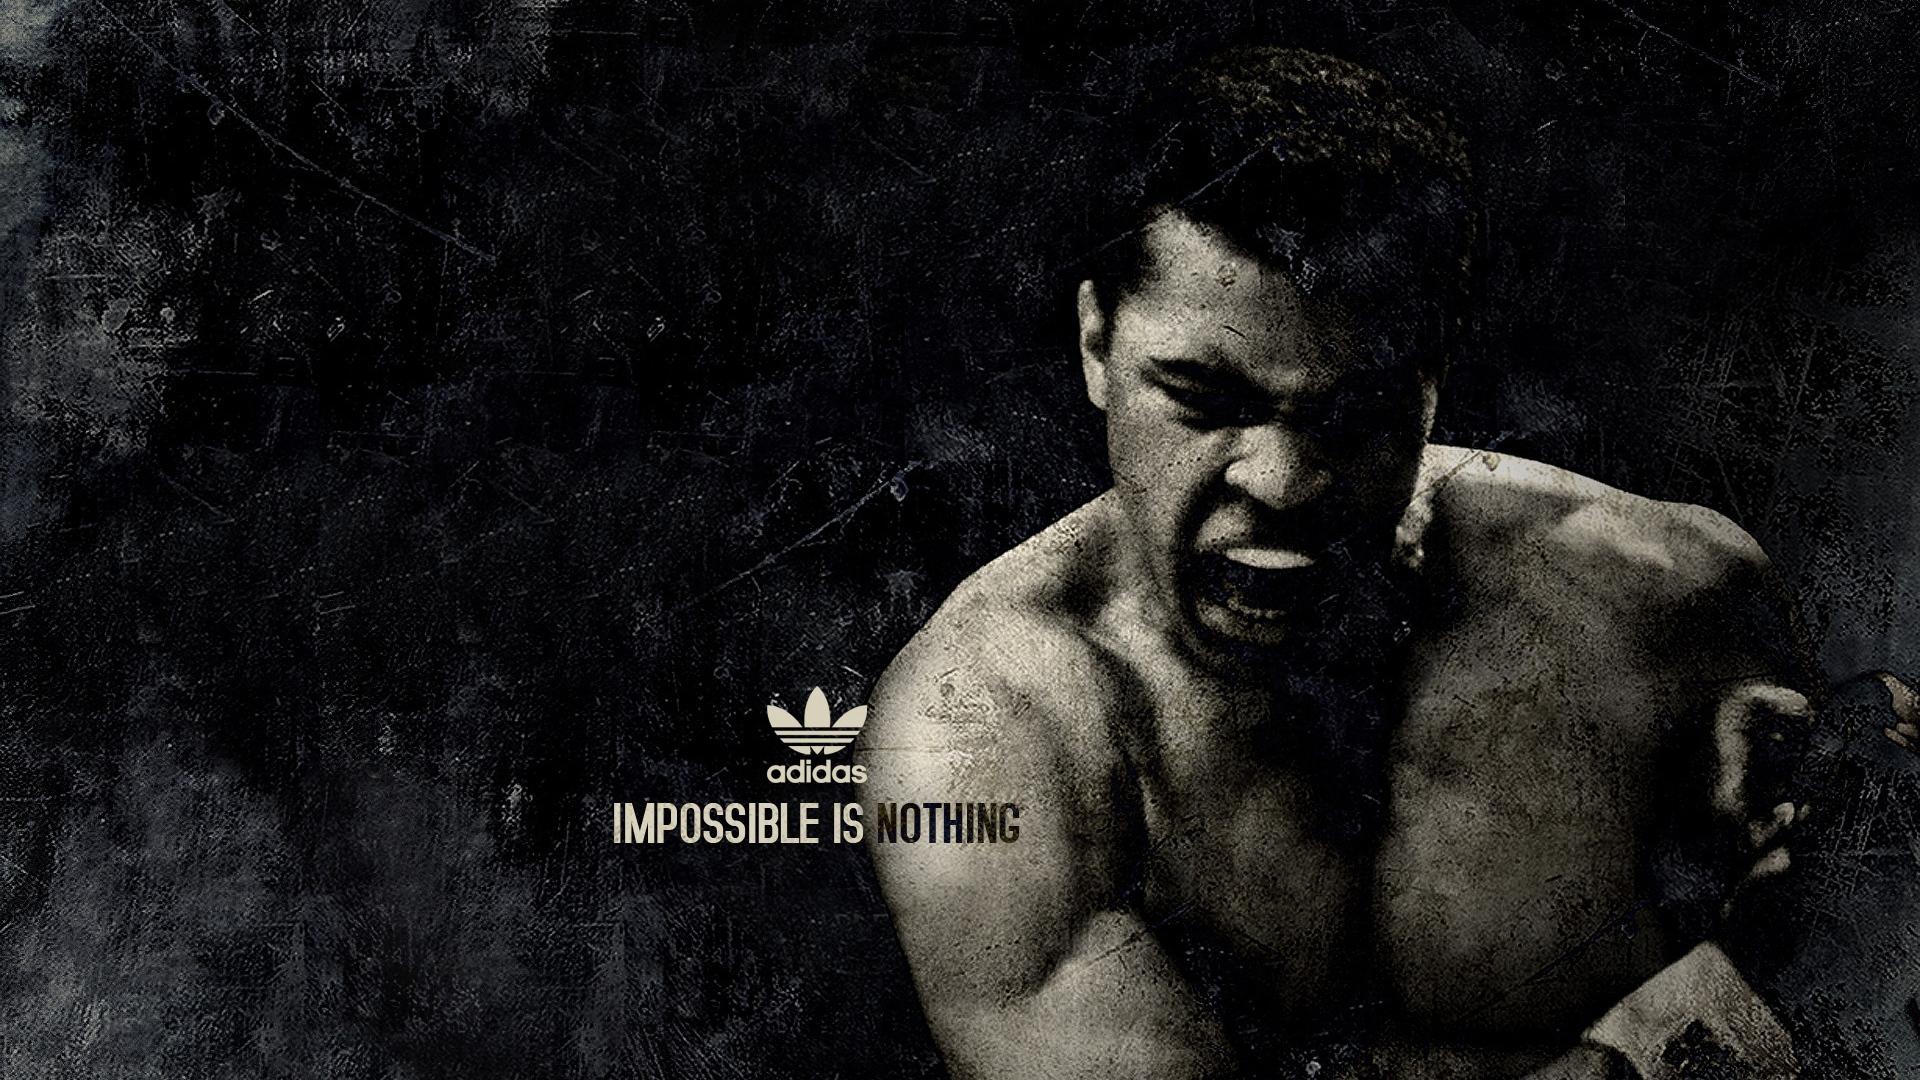 Download Wallpaper 1920x1080 muhammad ali boxer sports adidas Full 1920x1080